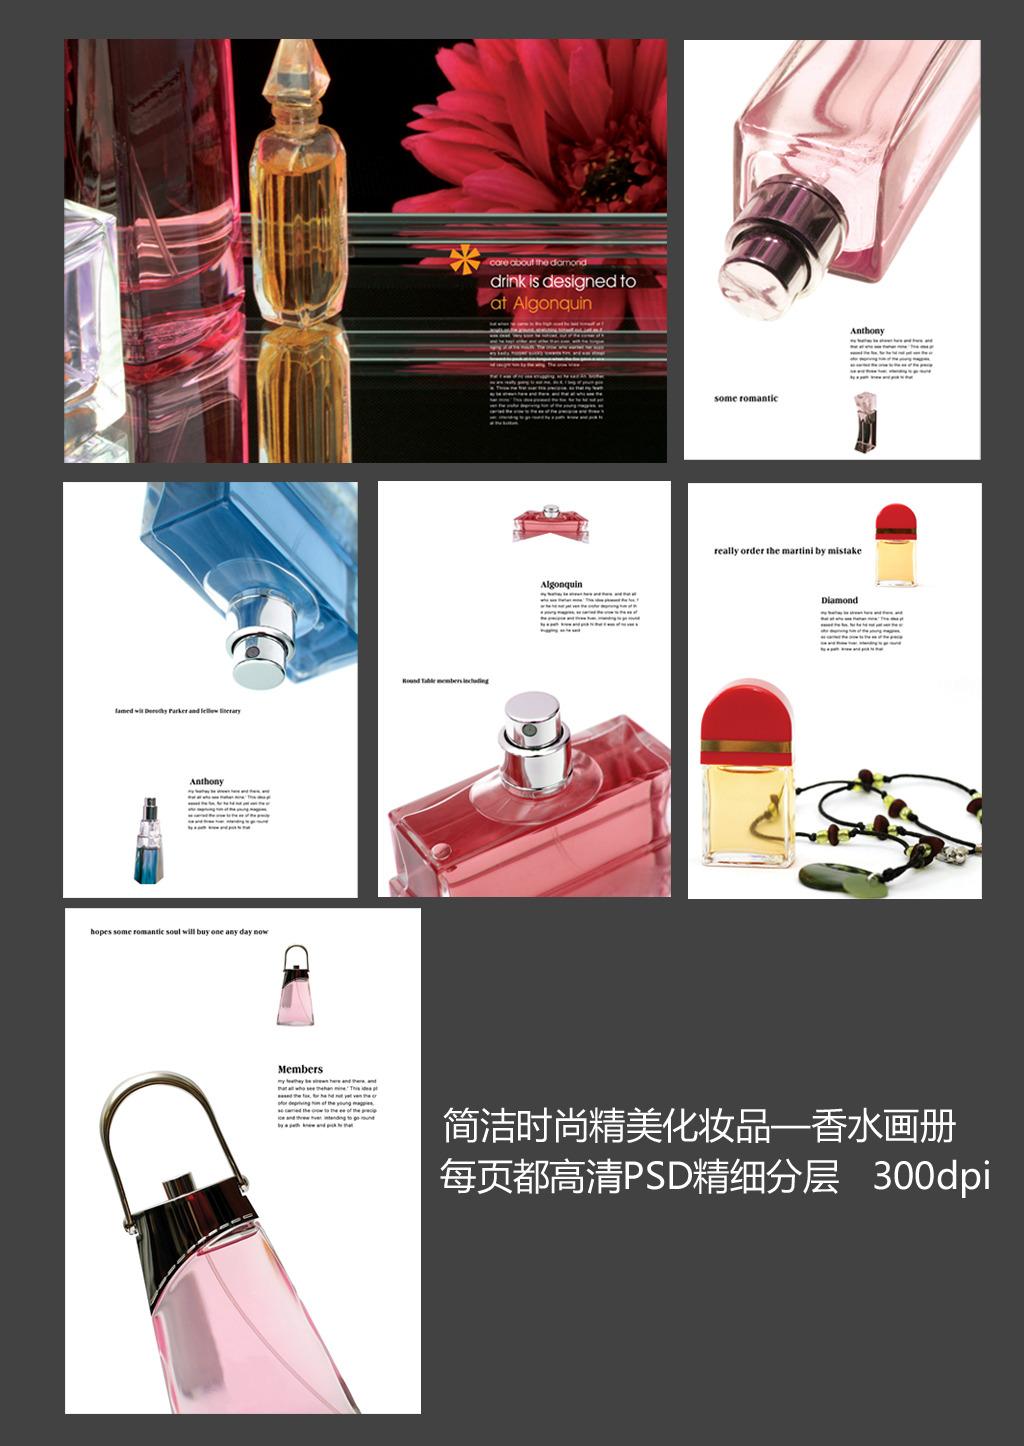 宣传册设计 化妆品精油护理品包装手册 化妆品封面设计 化妆品护肤品图片